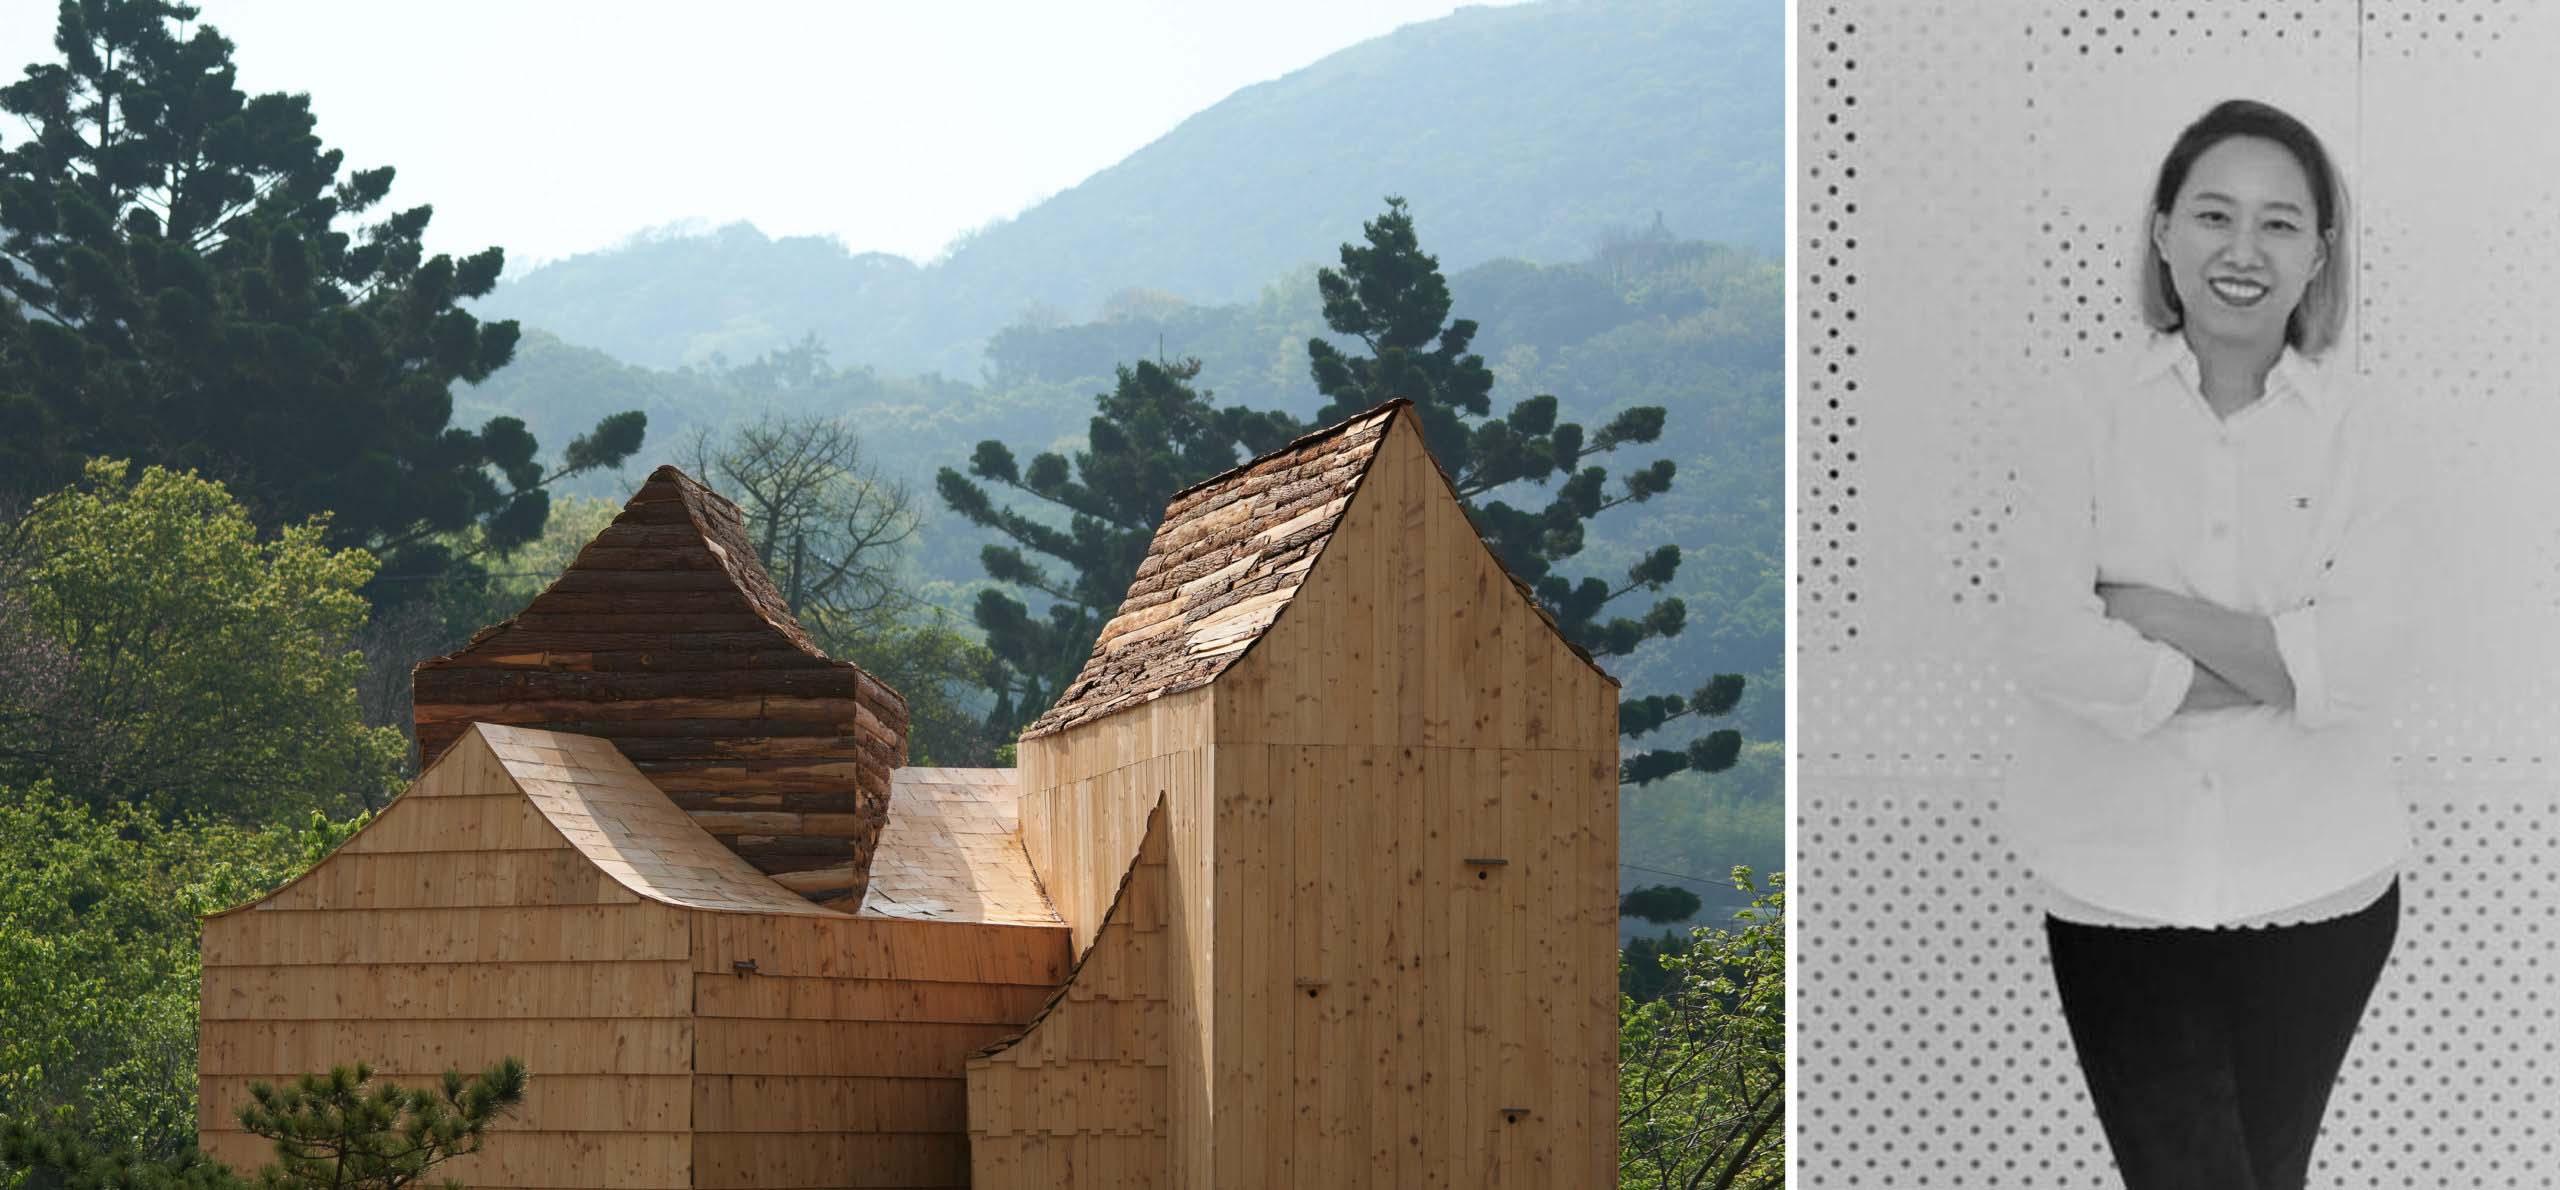 Trái: Boolean Birdhouse, Đài Loan, Người chiến thắng trong Ban giám khảo Giải thưởng A + 2020 ở hạng mục Kiến trúc + Nghệ thuật; Phải: Phoebe Wen, A'Design Awar